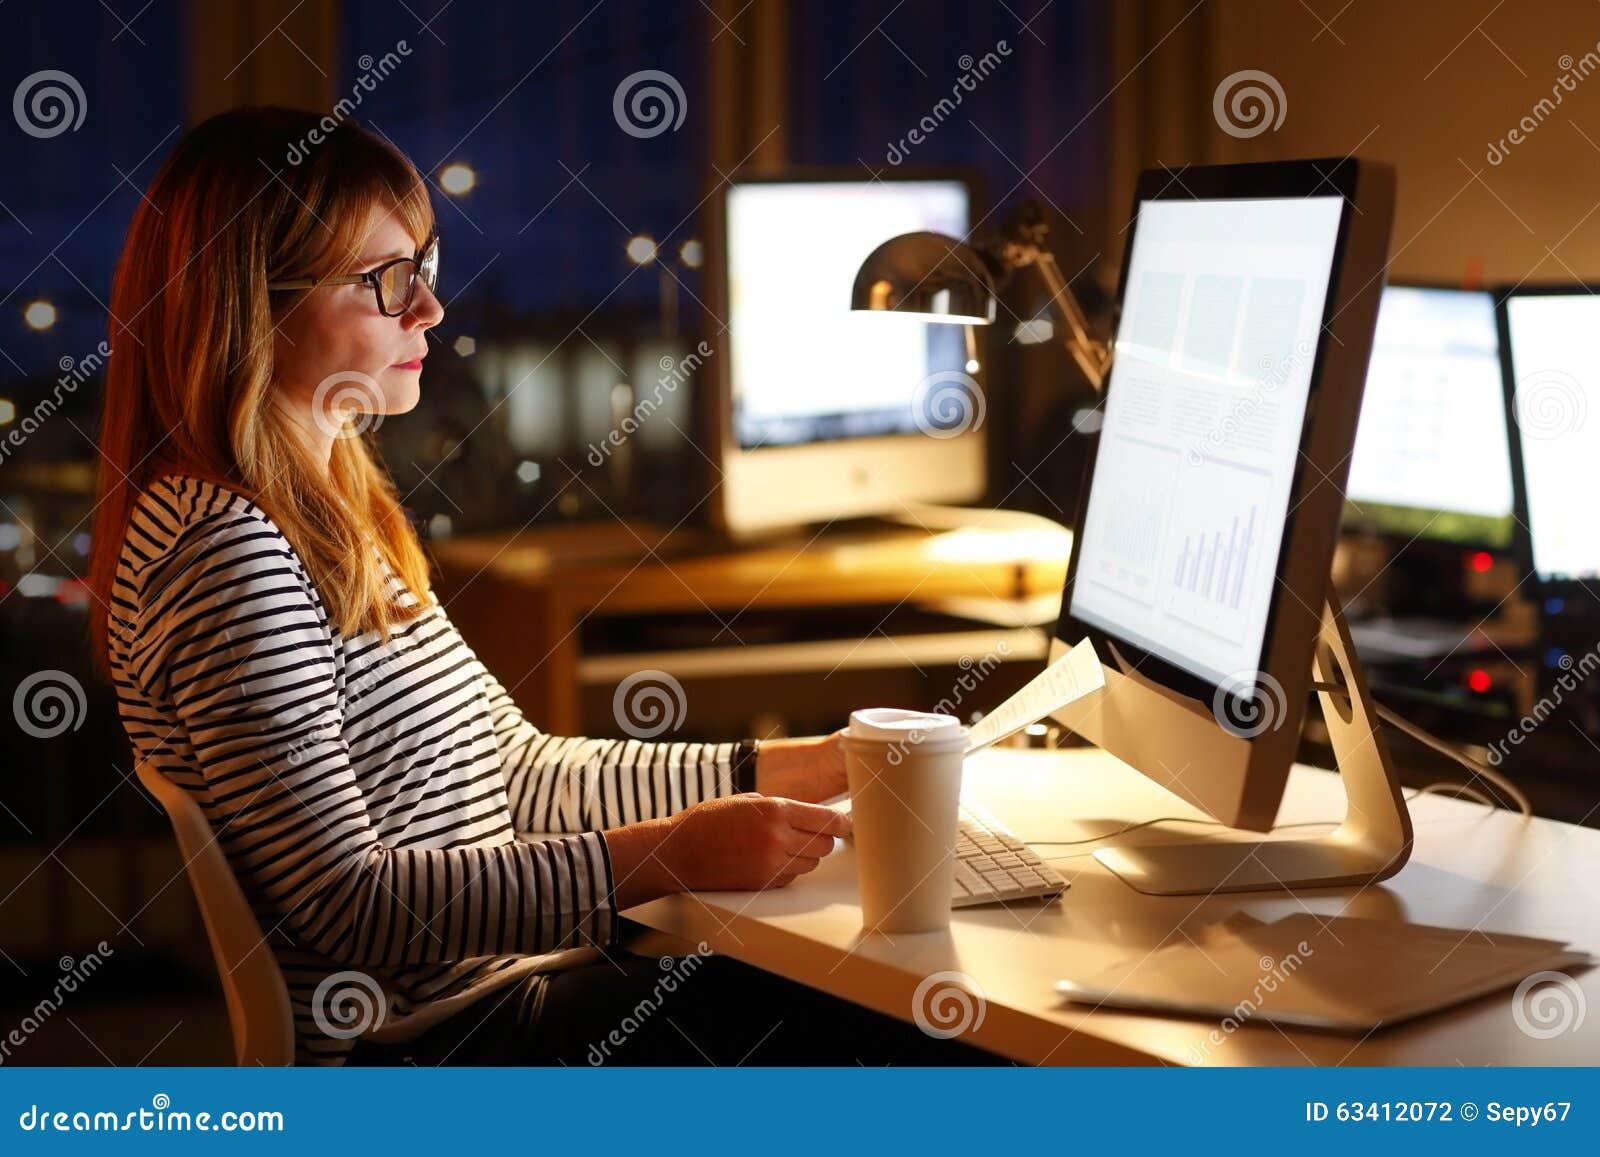 Επιχειρηματίας που εργάζεται αργά - νύχτα